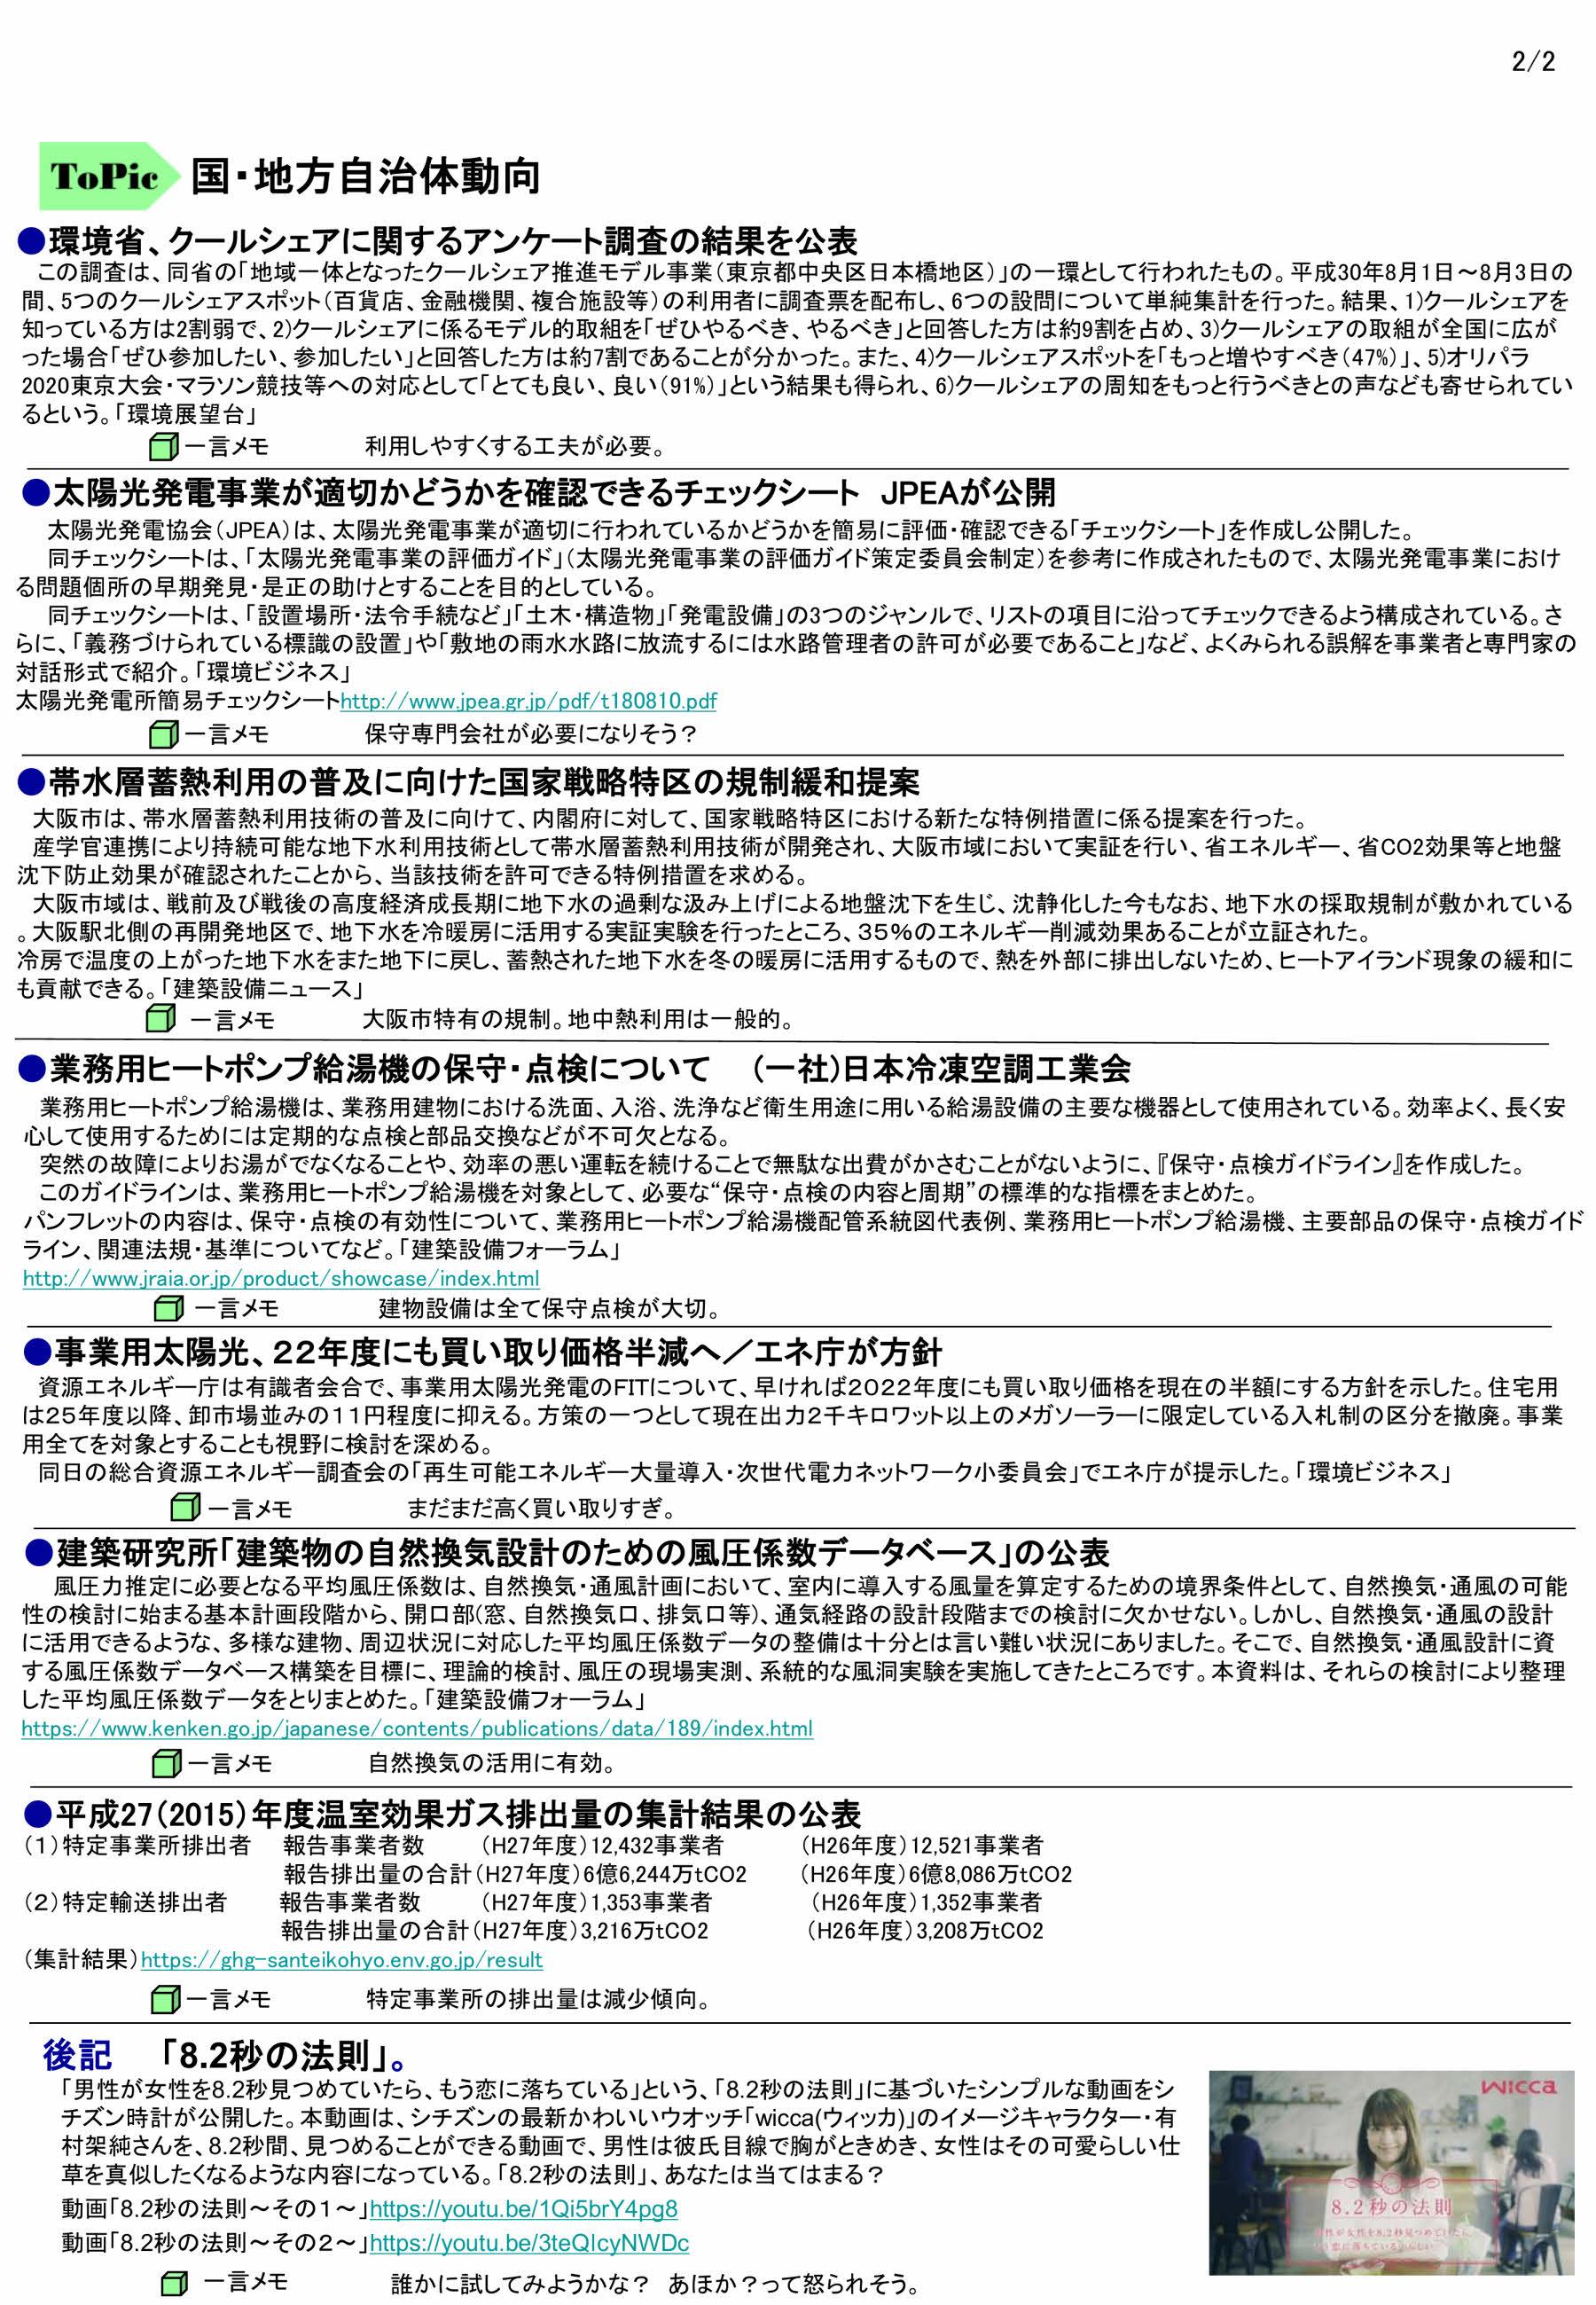 資源エネレポート -N0.53-